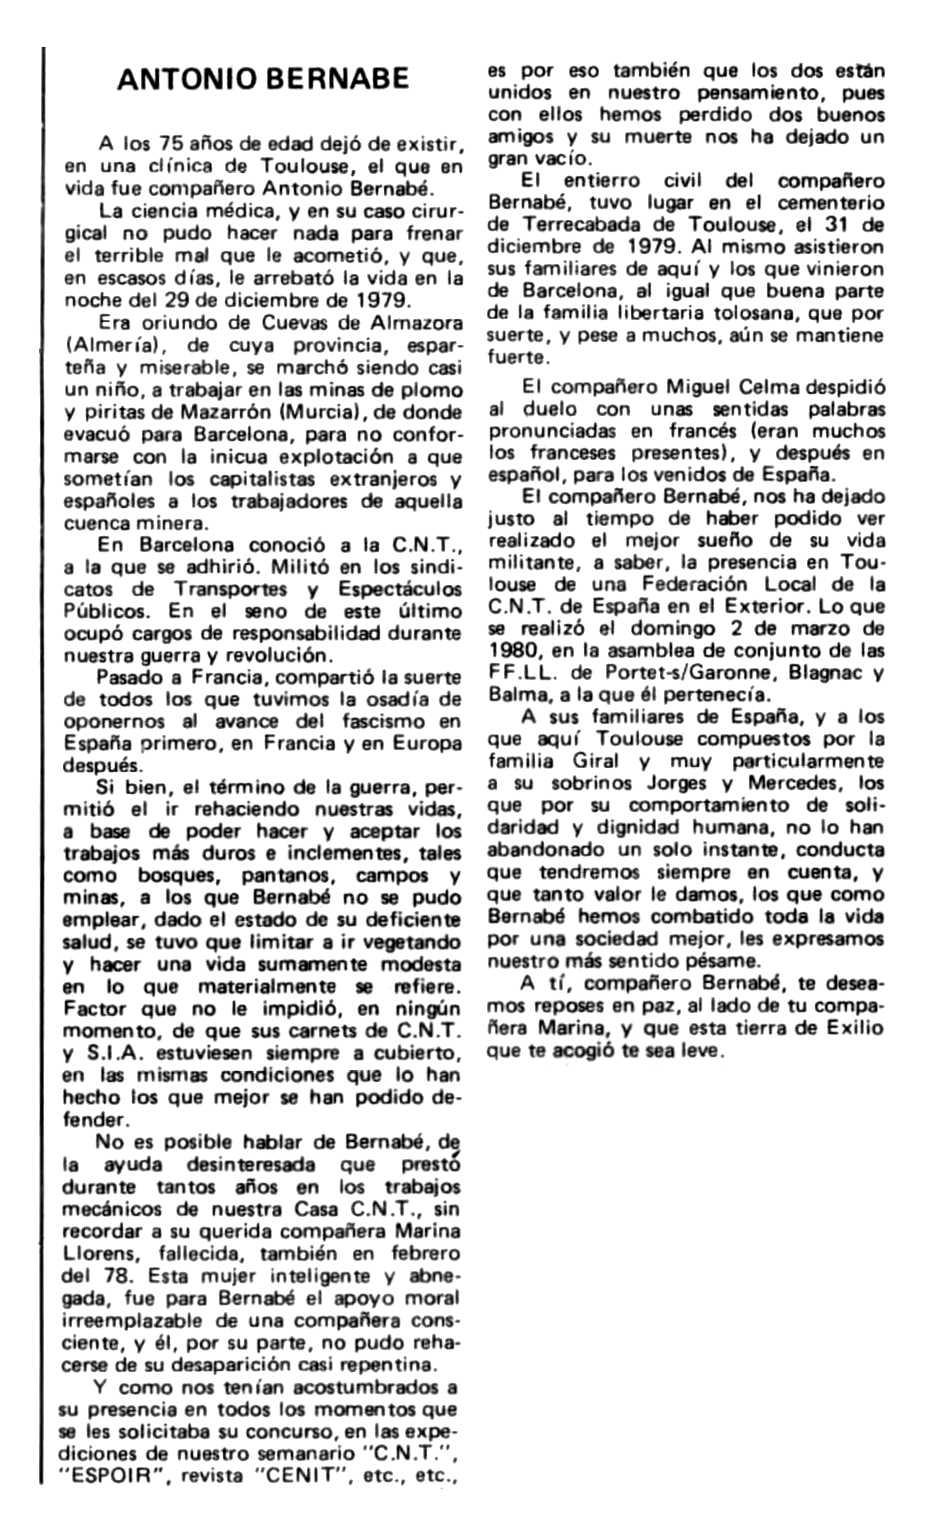 """Necrològica d'Antonio Bernabé Mula apareguda en el periòdic tolosà """"Espoir"""" de l'1 de juny de 1980"""